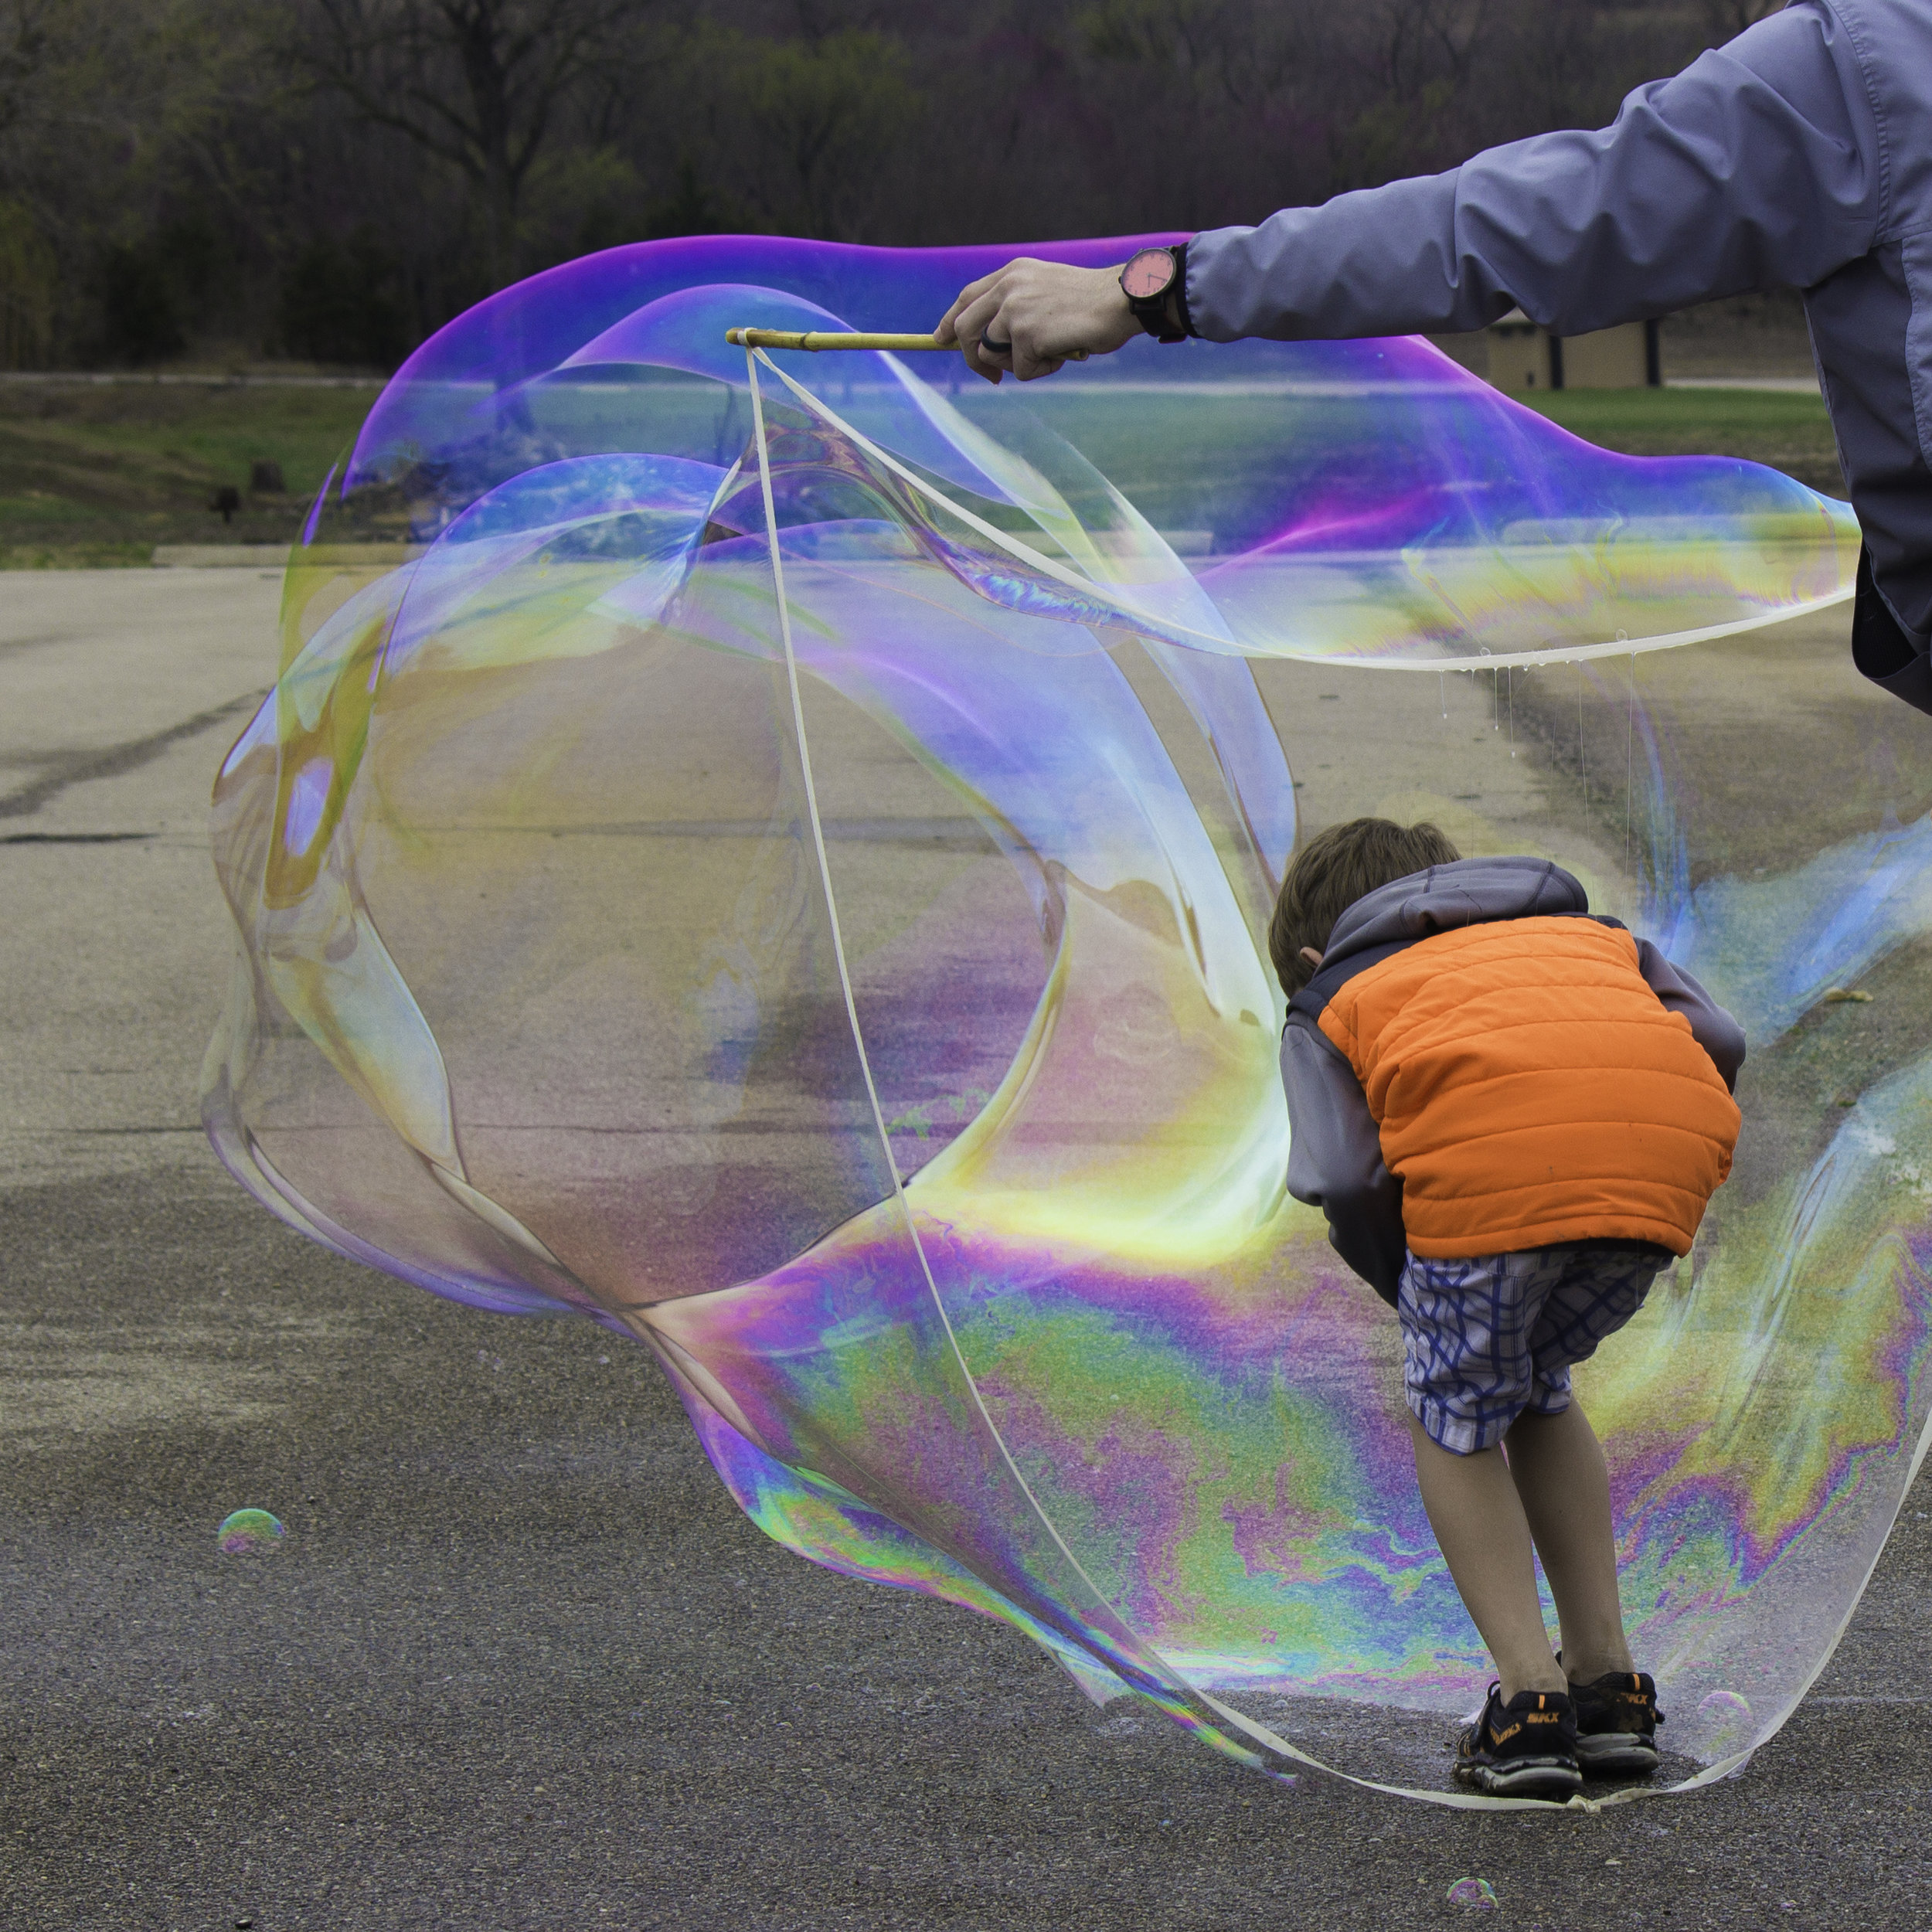 walkthroughbubbles-1.jpg